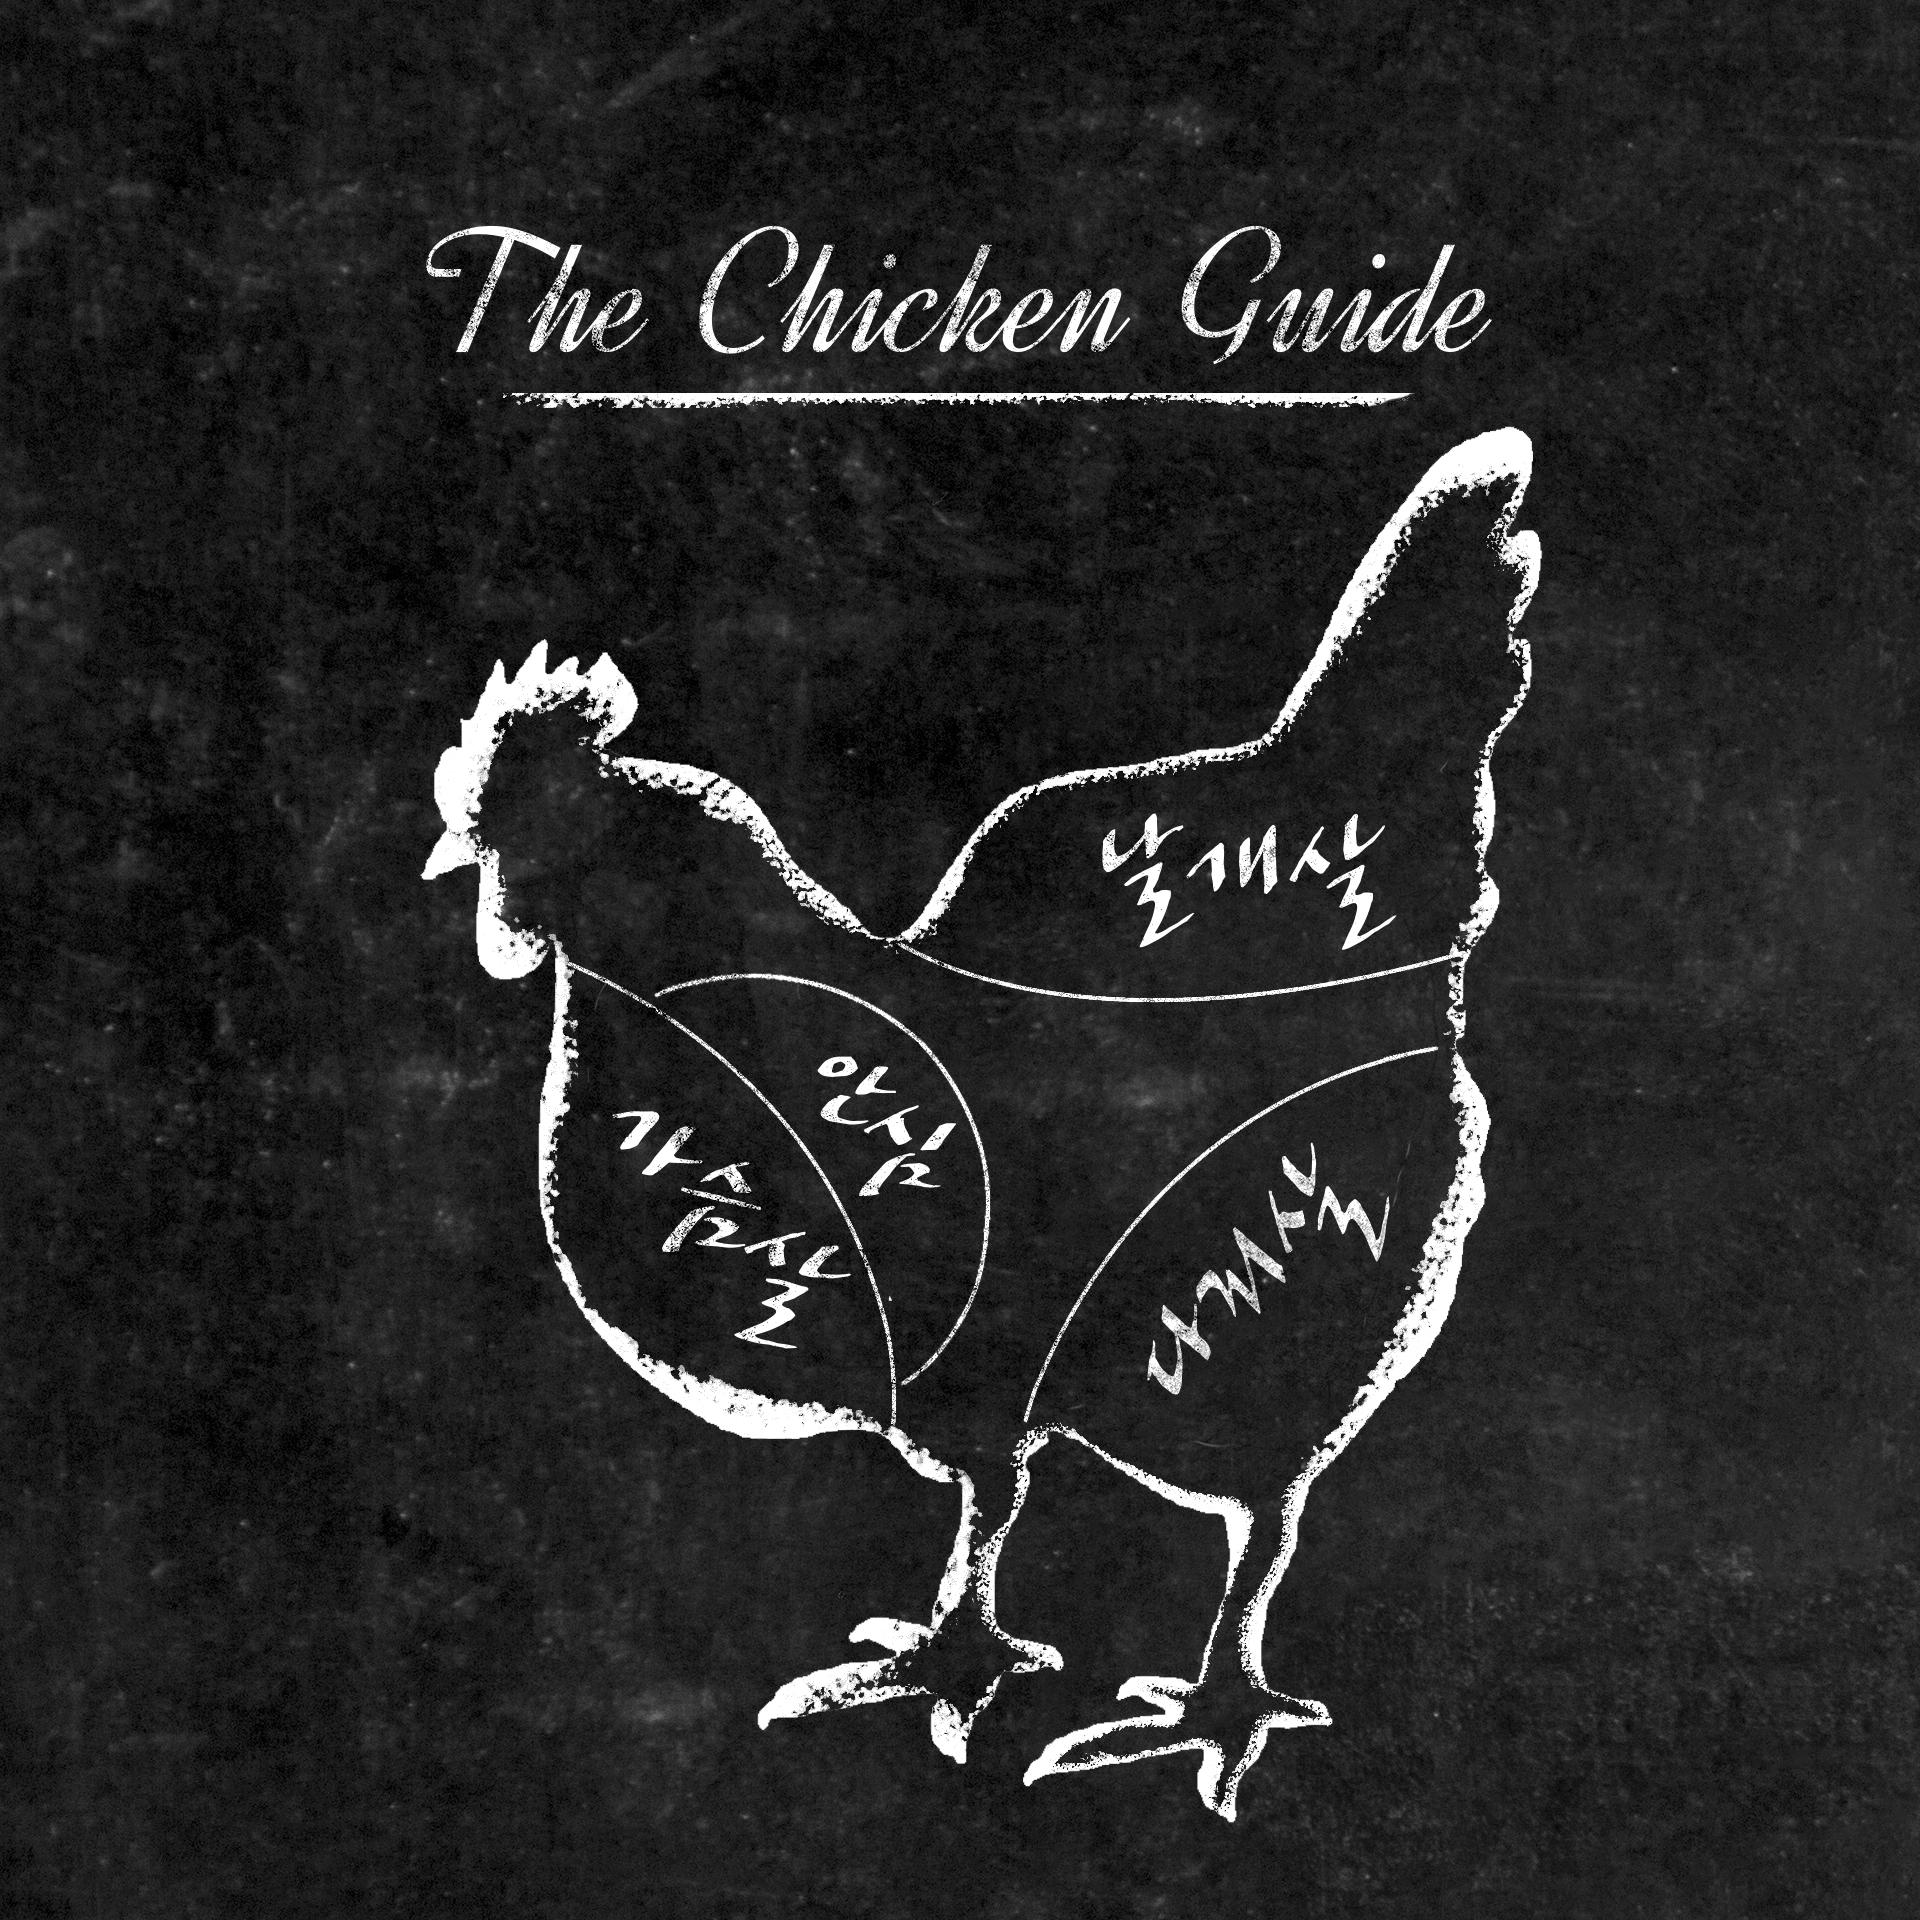 닭고기 부위 이렇게 선택하세요